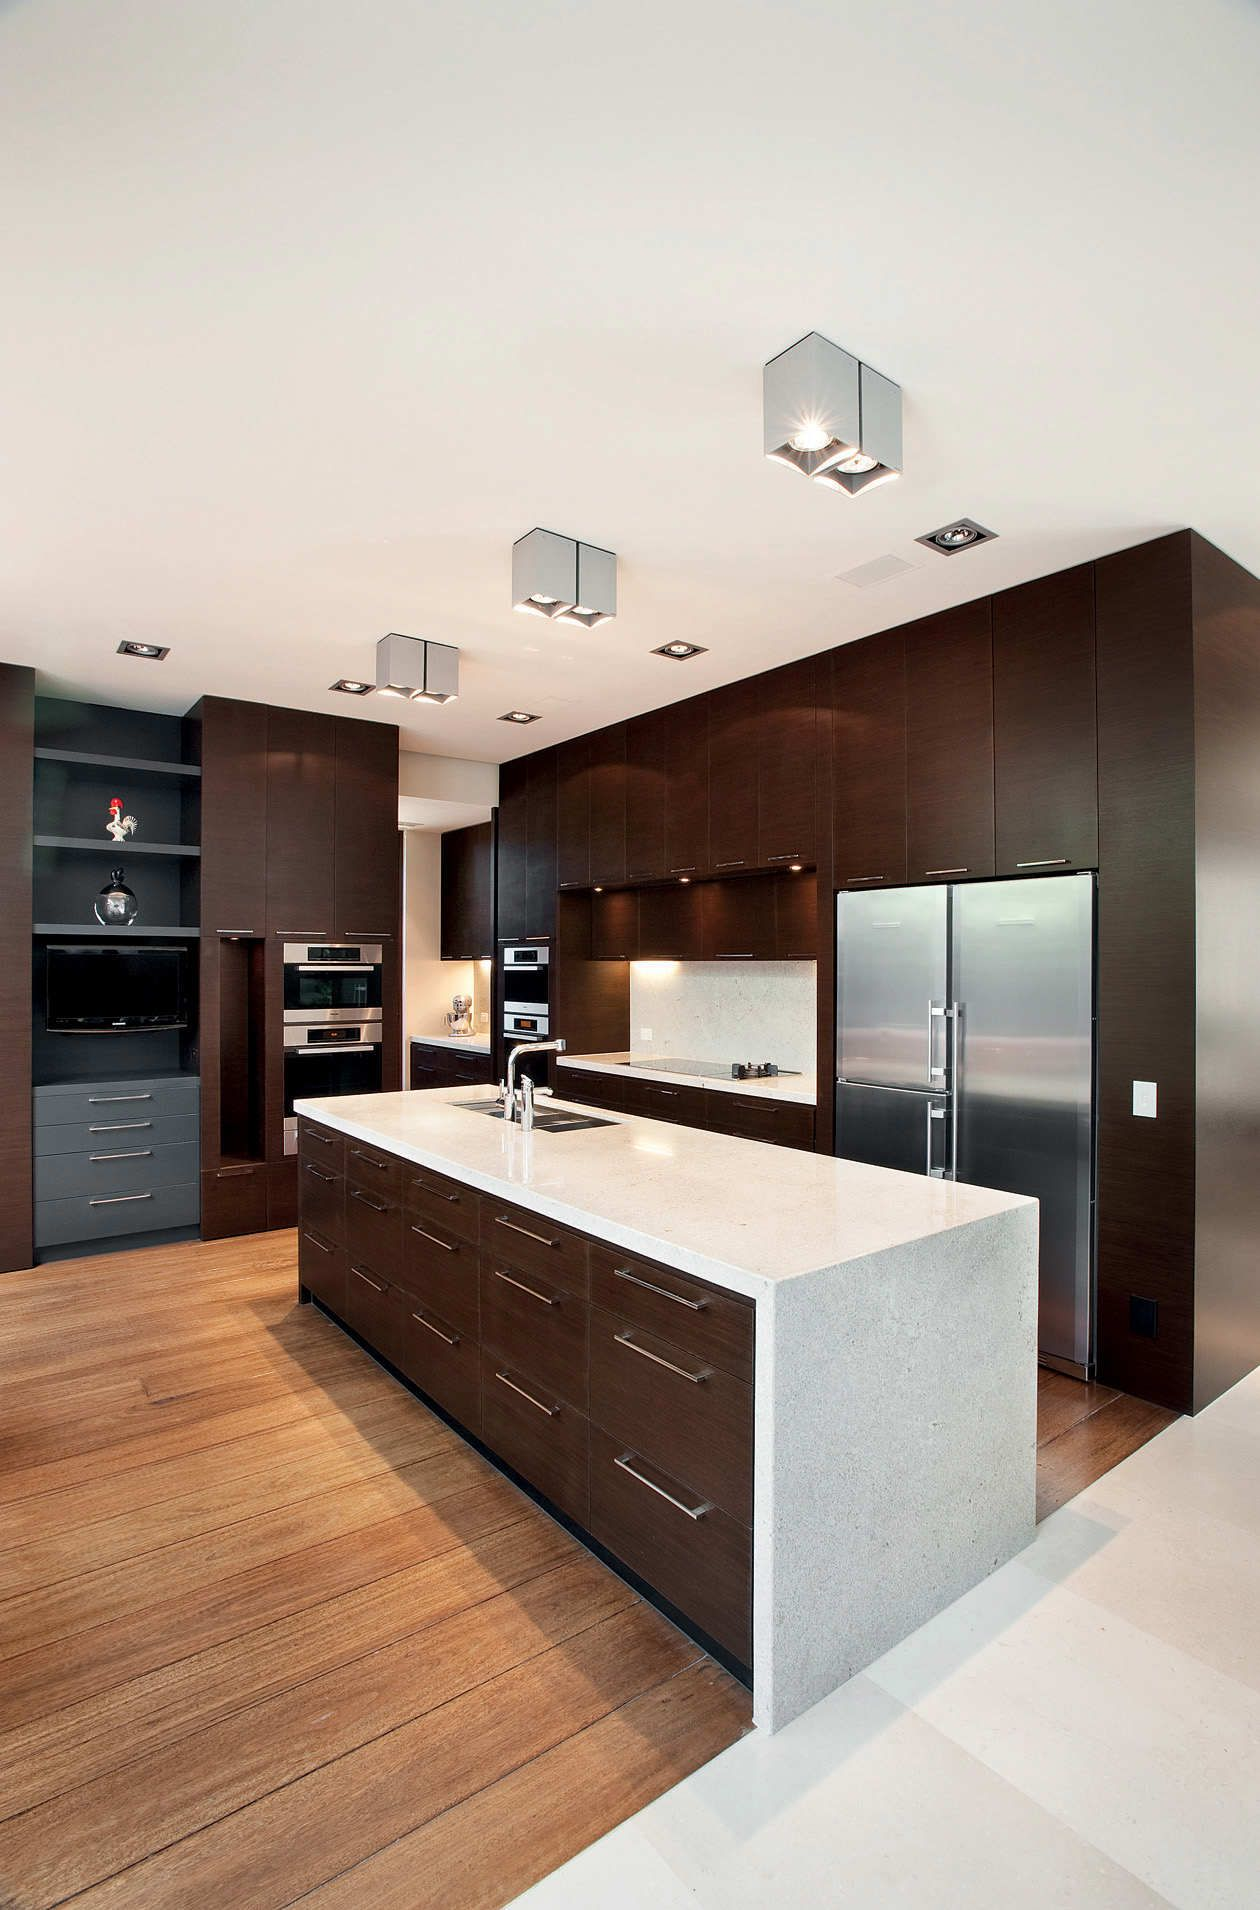 100 Idee Di Cucine Moderne Con Elementi In Legno Kitchen Design